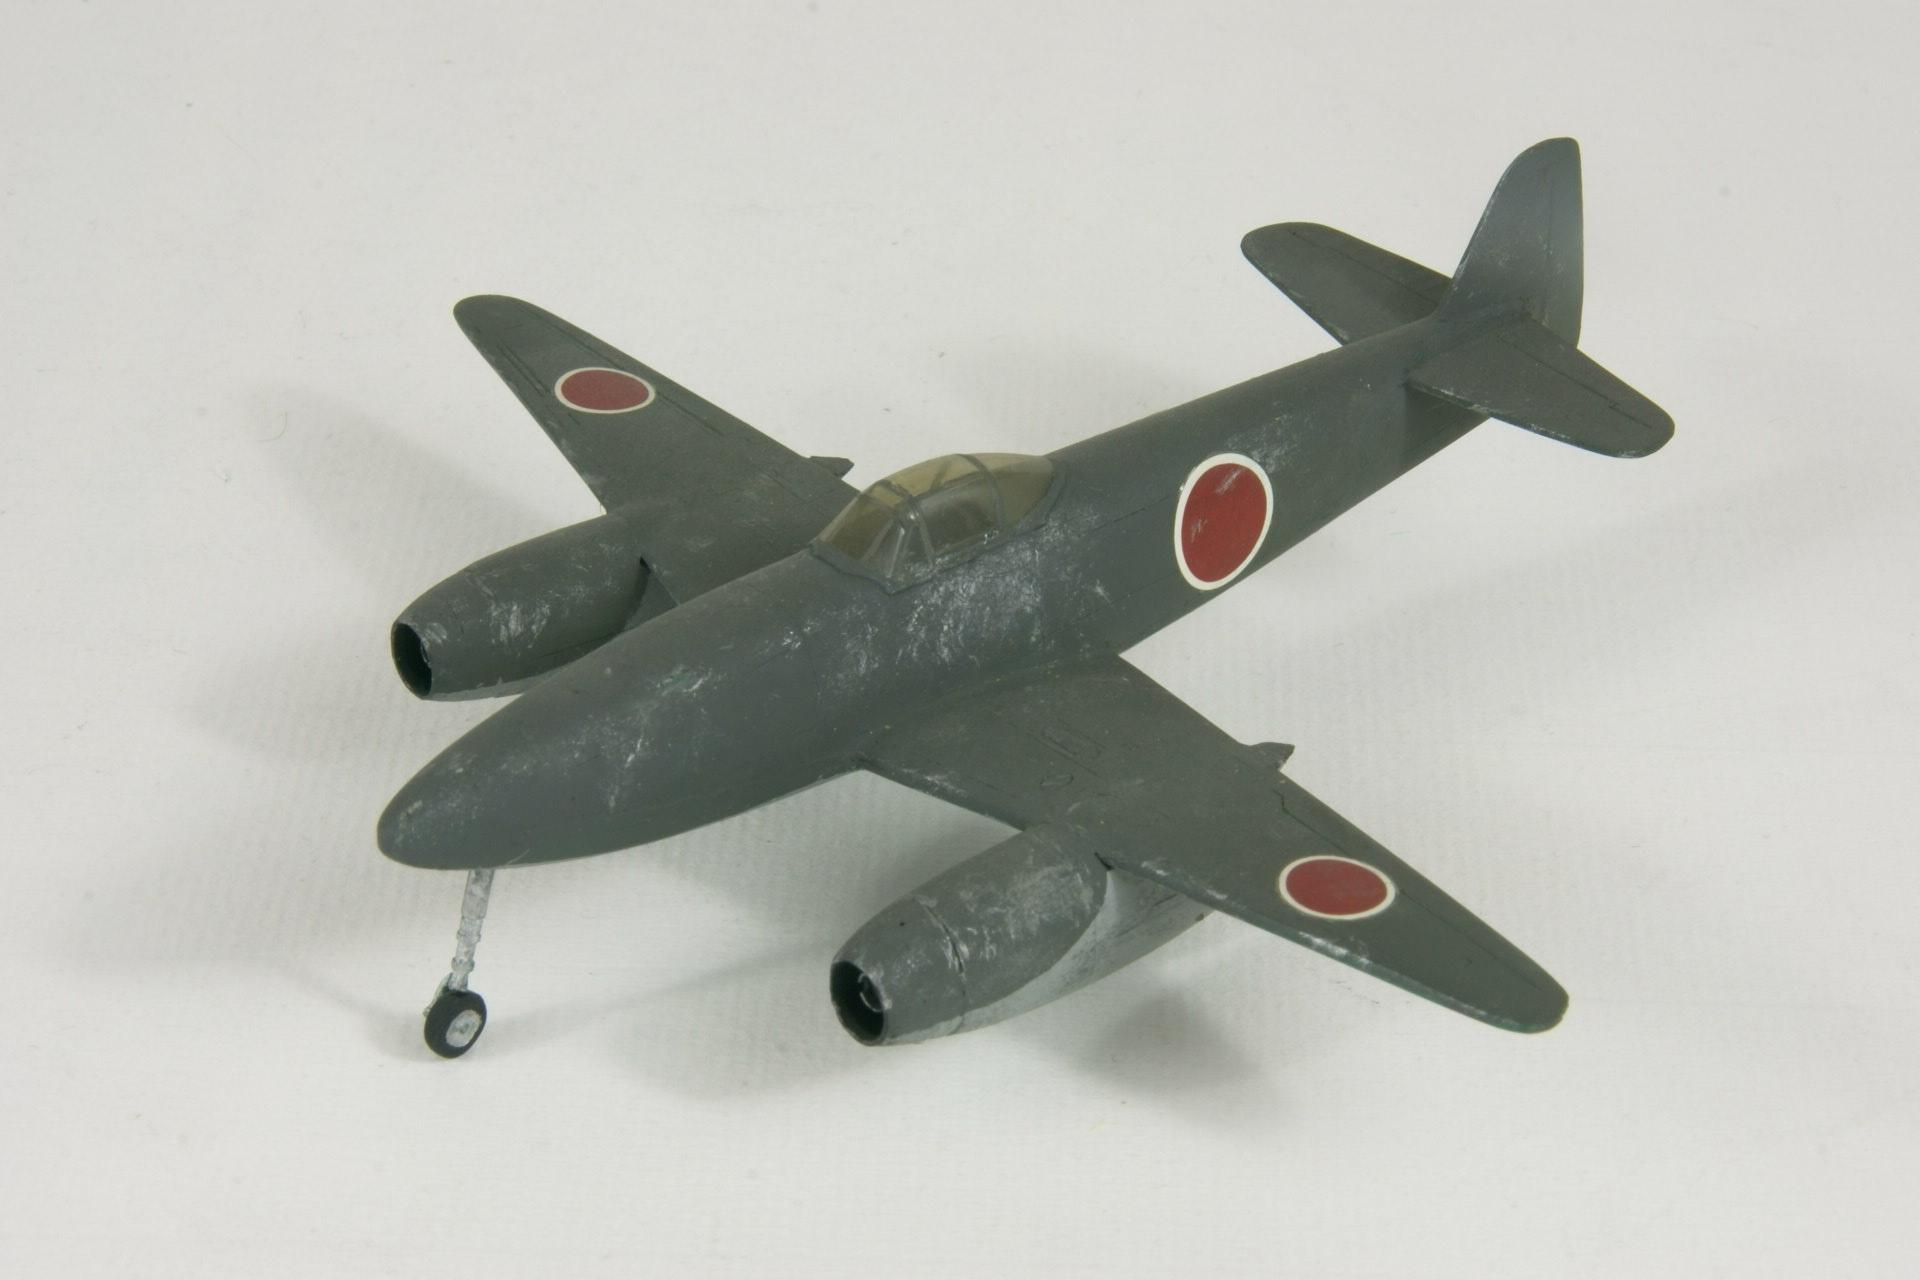 Nakajima kikka 1 1